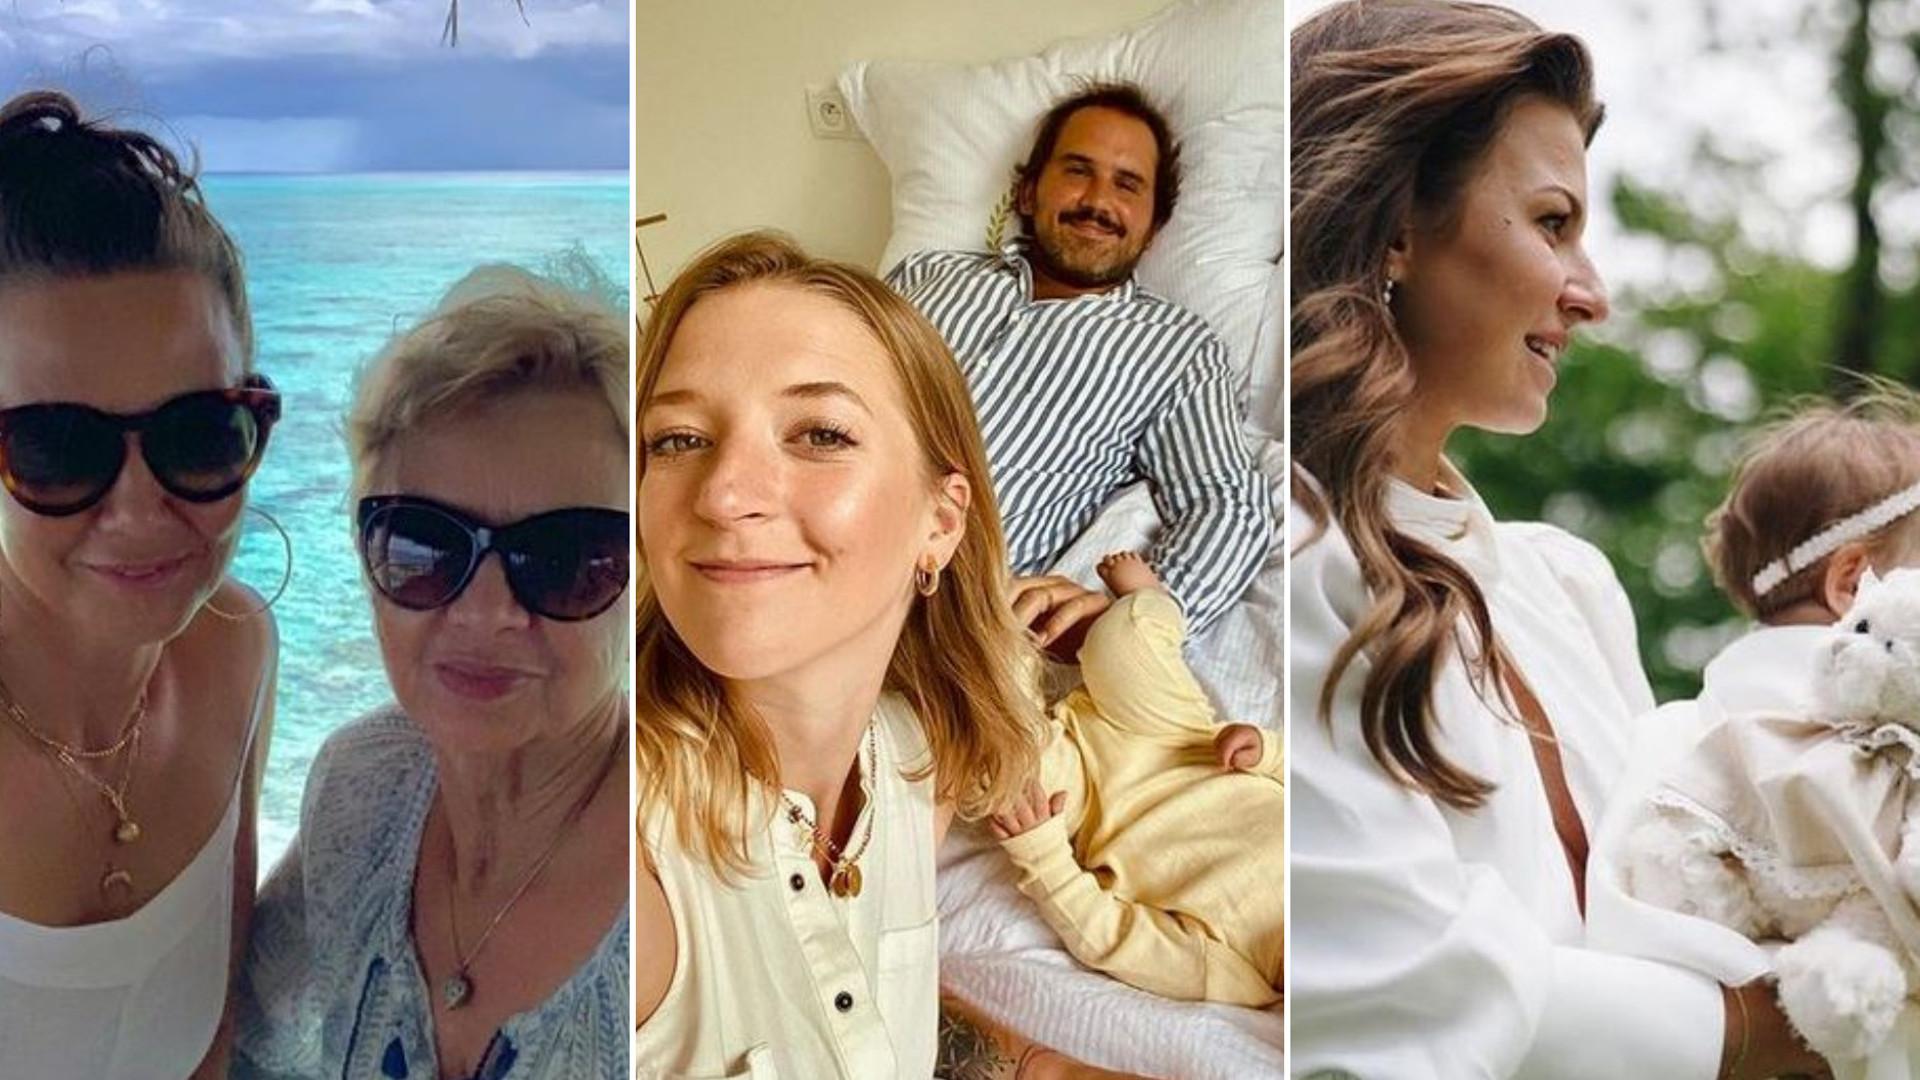 Gwiazdy świętują Dzień Matki: Anna Mucha pokazała zdjęcie z brzuszkiem, Lara Gessler testu ciążowego (ZDJĘCIA)